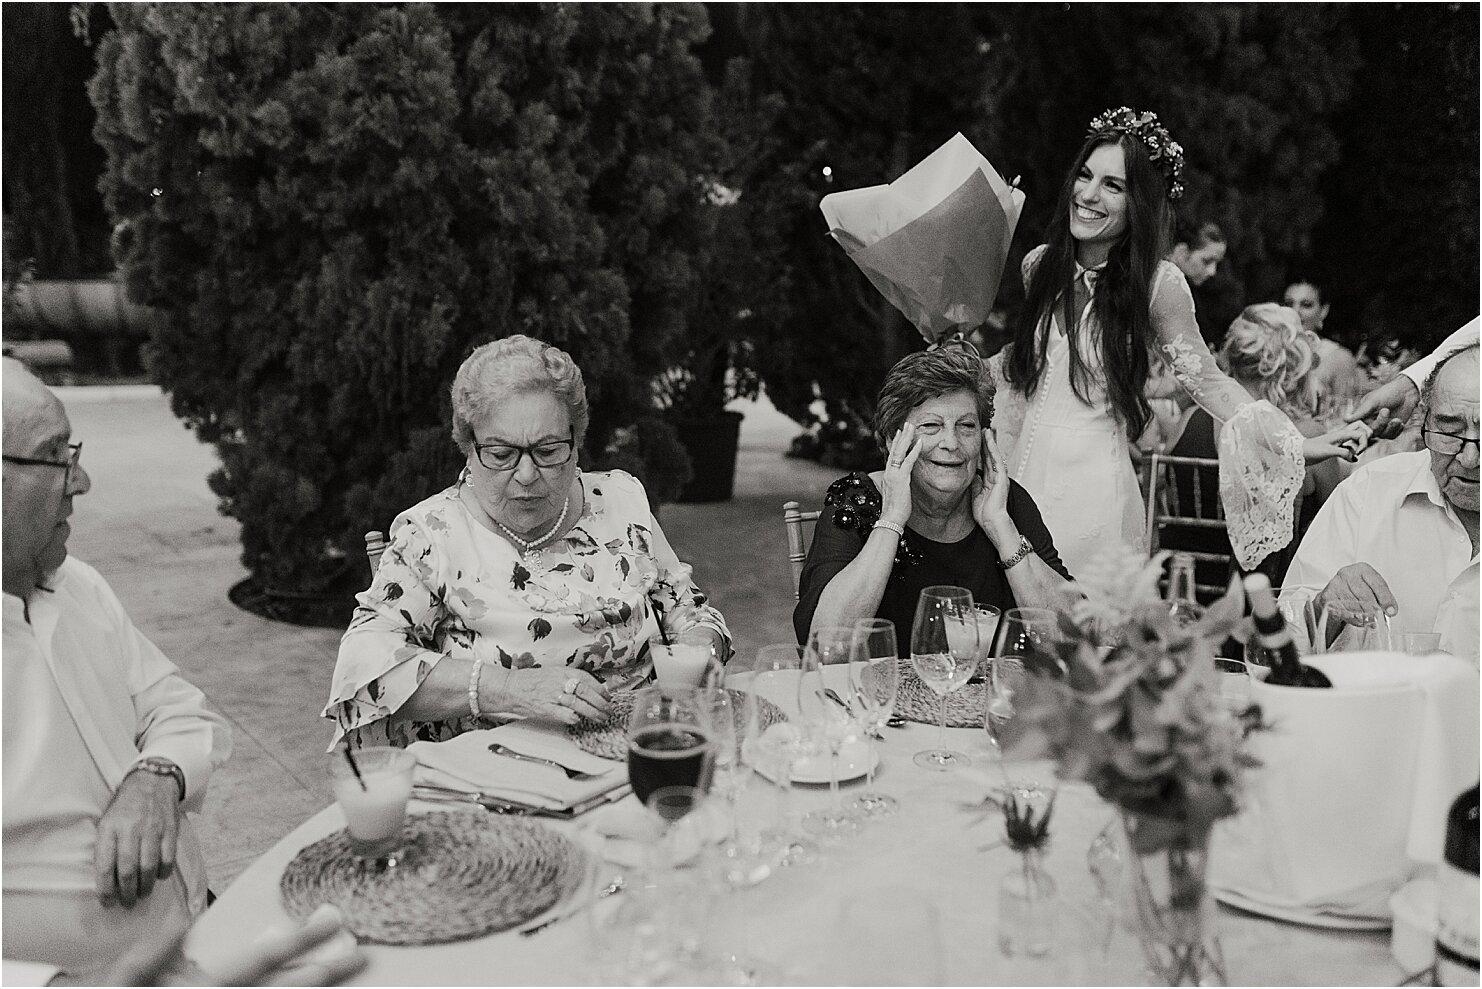 boda-romantica-boda-boho-vestido-de-novia-laura-lomas81.jpg